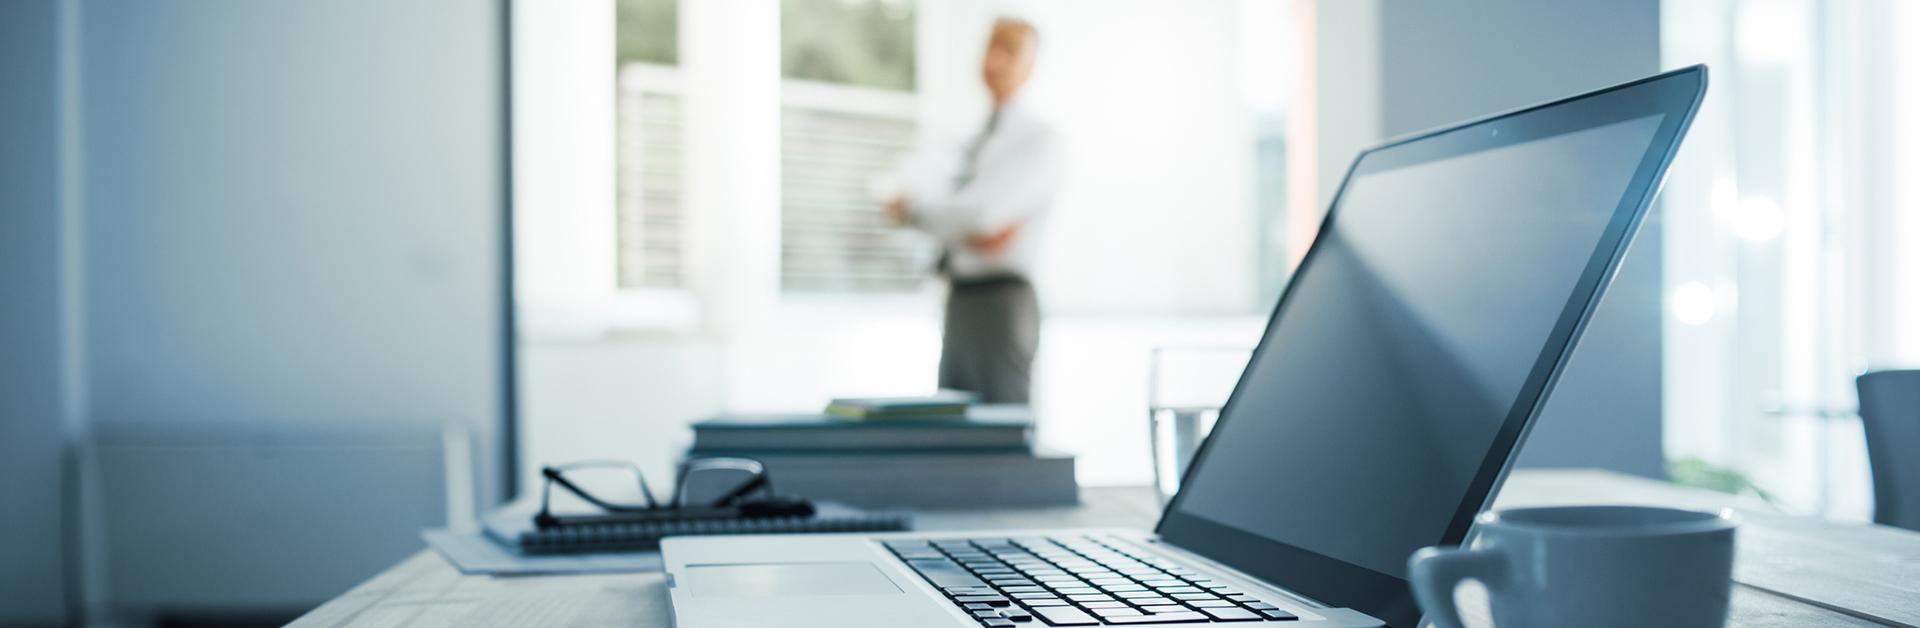 Foto de um homem em um escritório com foco no computador.